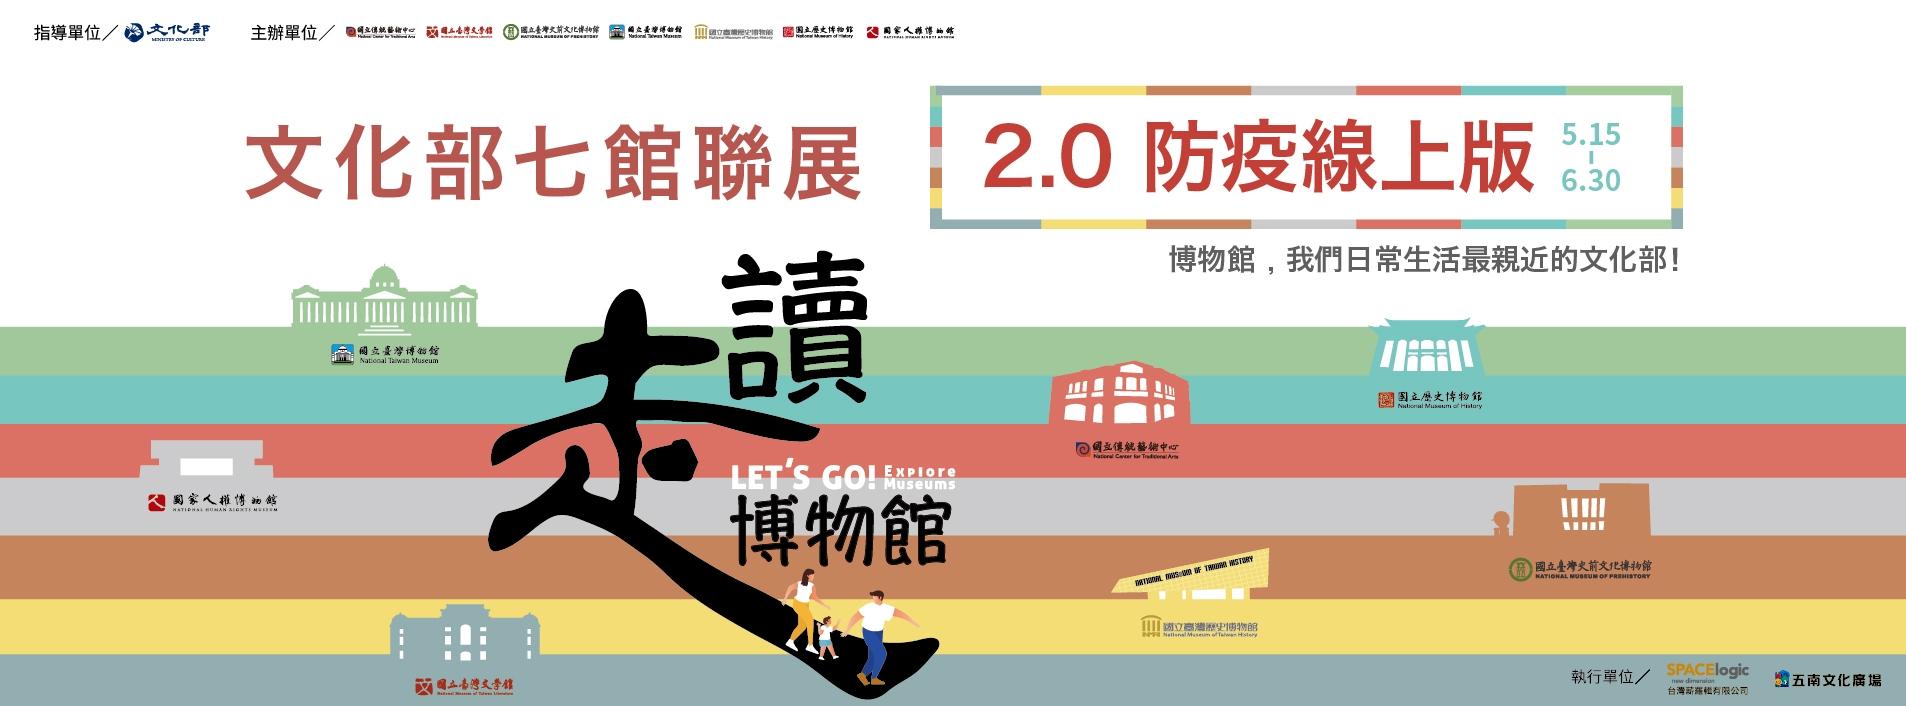 2020臺北國際書展-線上展覽平台「另開新視窗」